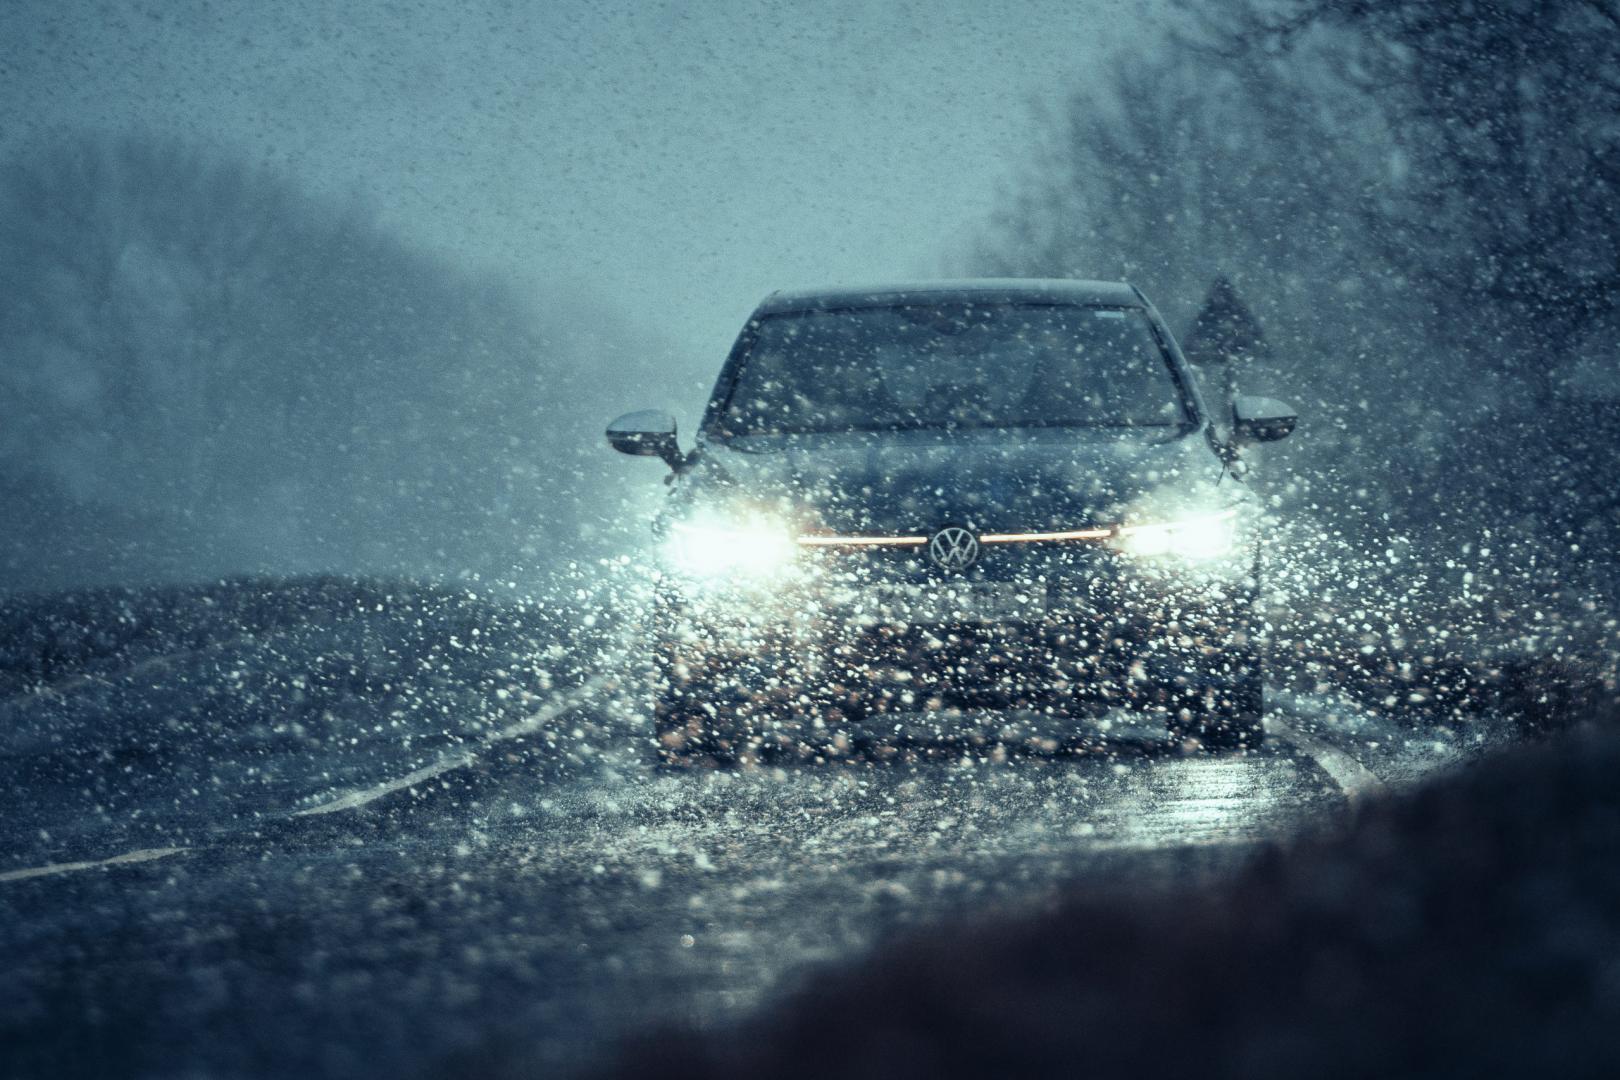 Volkswagen Golf 8 R (2021) door de regen (nat)